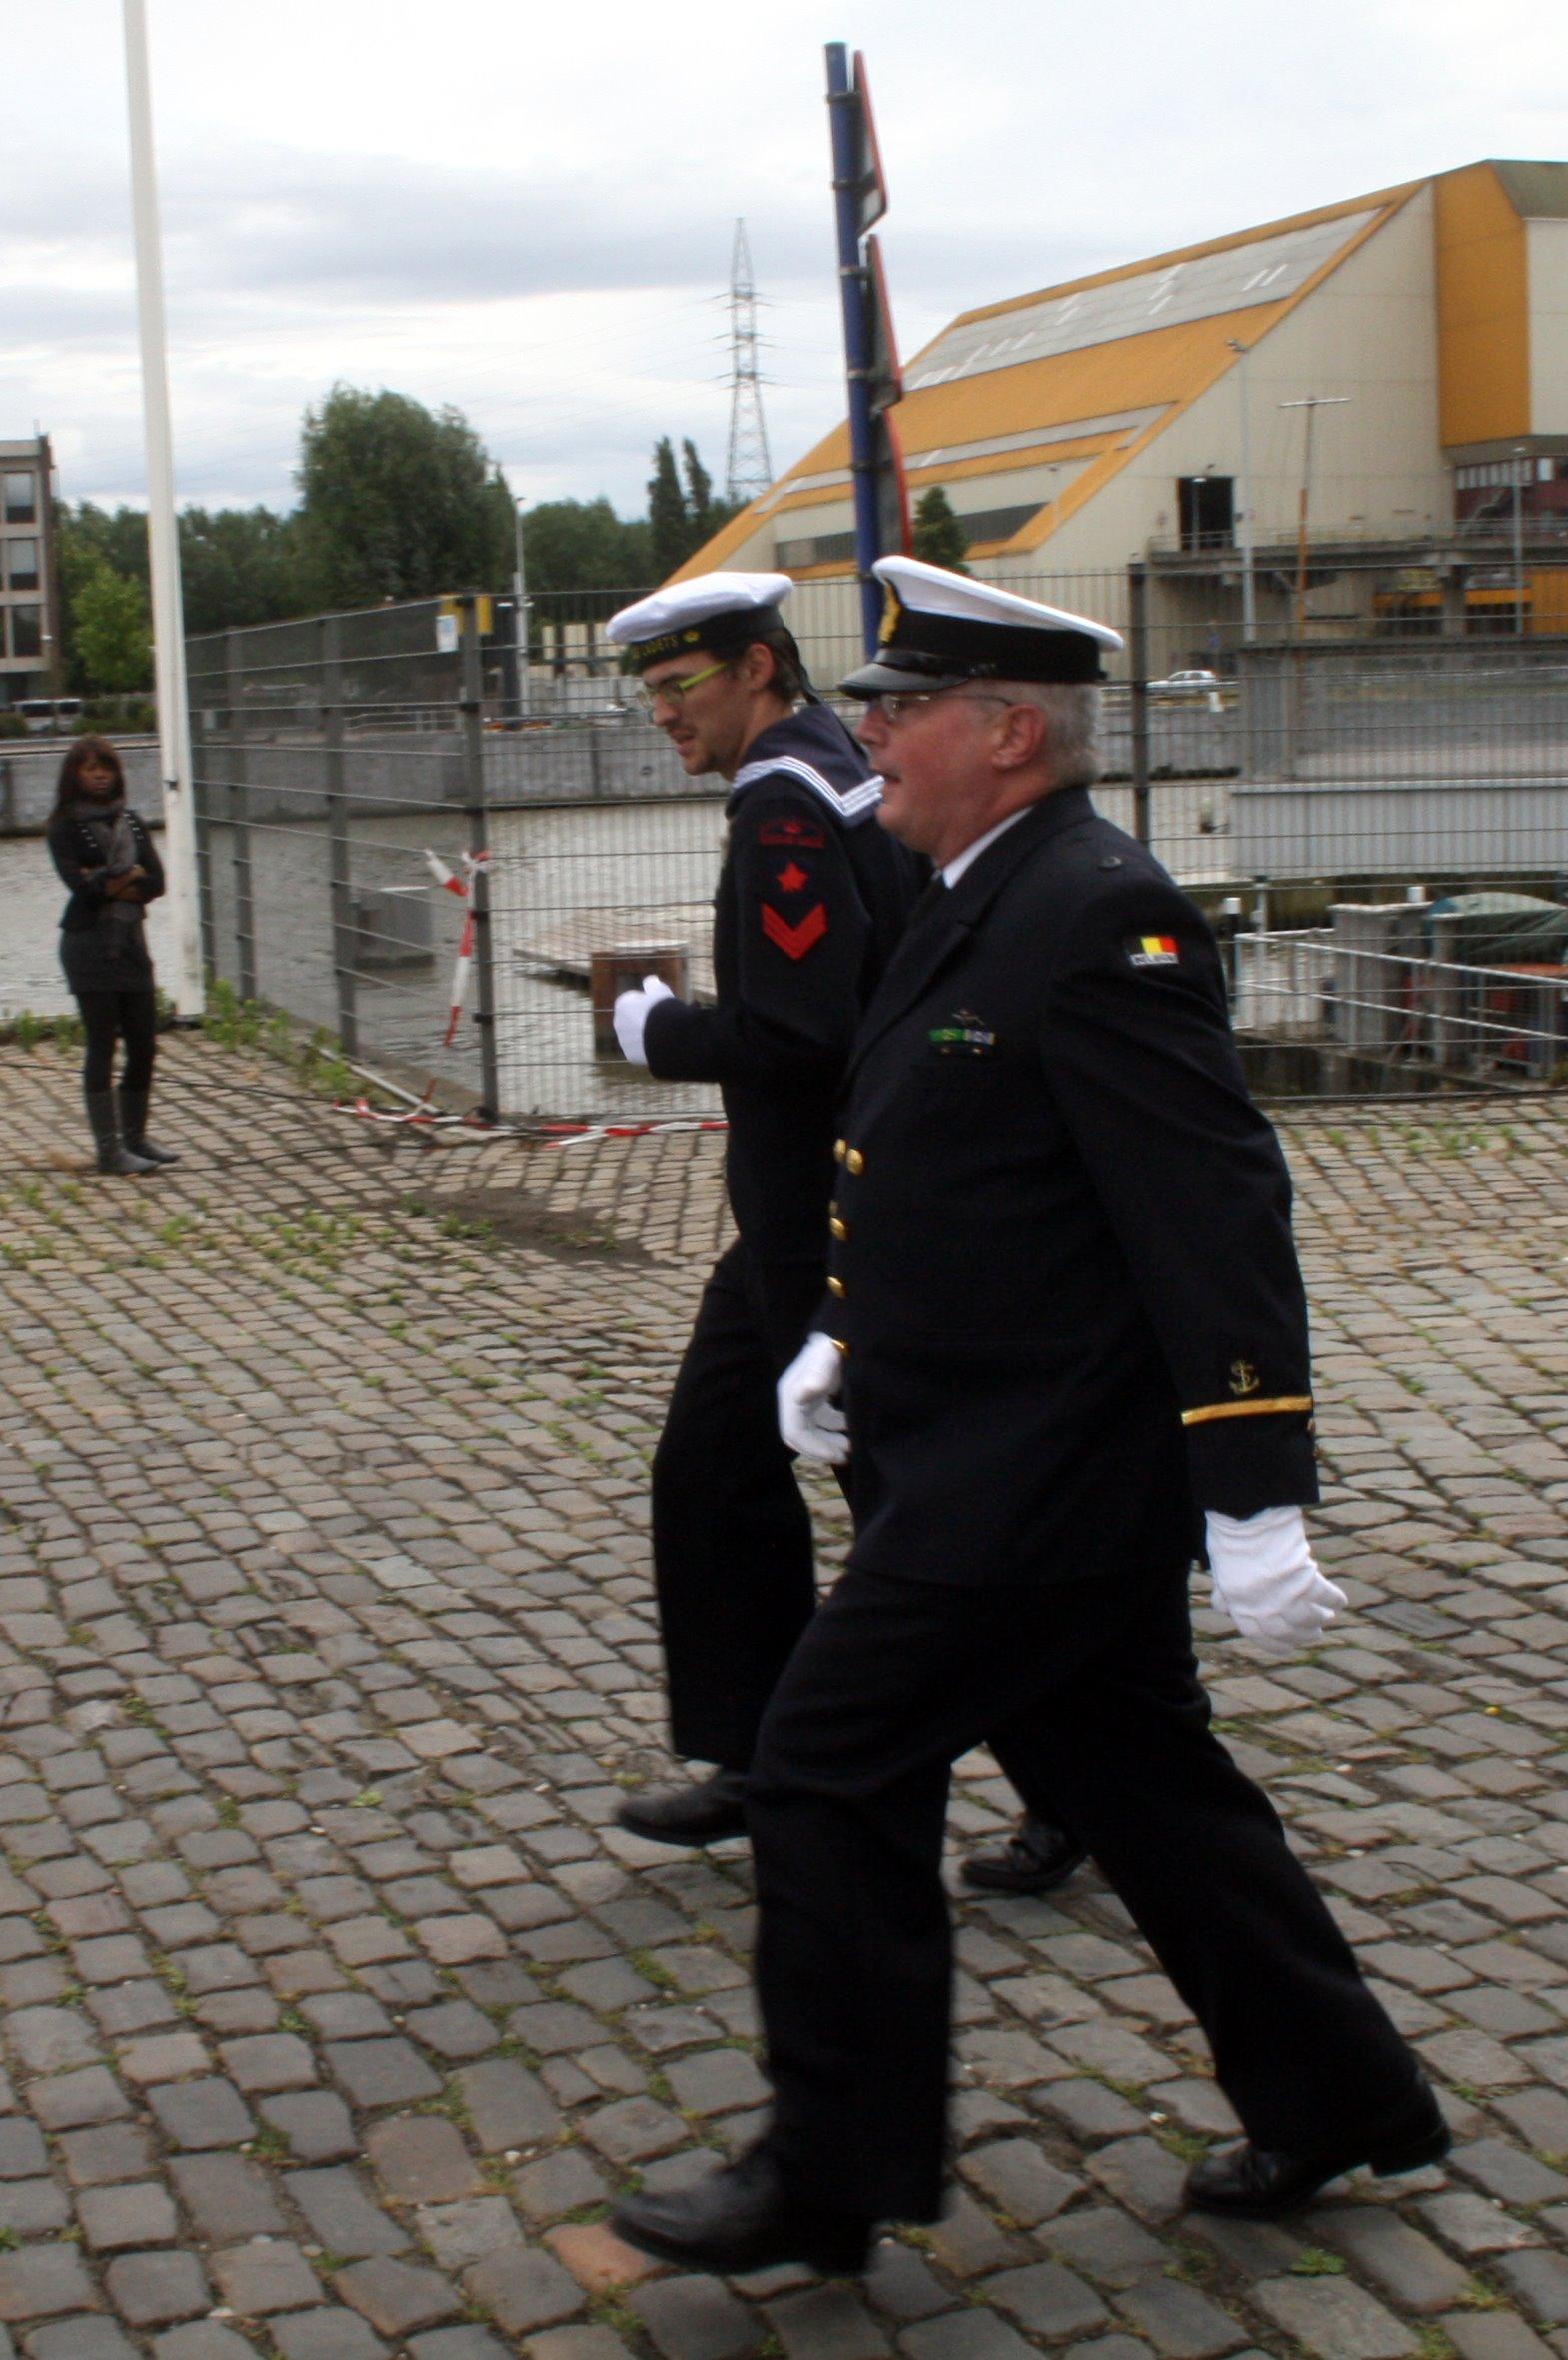 Fastes des Cadets de Marine à Bruxelles le 18/06/2011 - Page 19 1106211014191095838357849